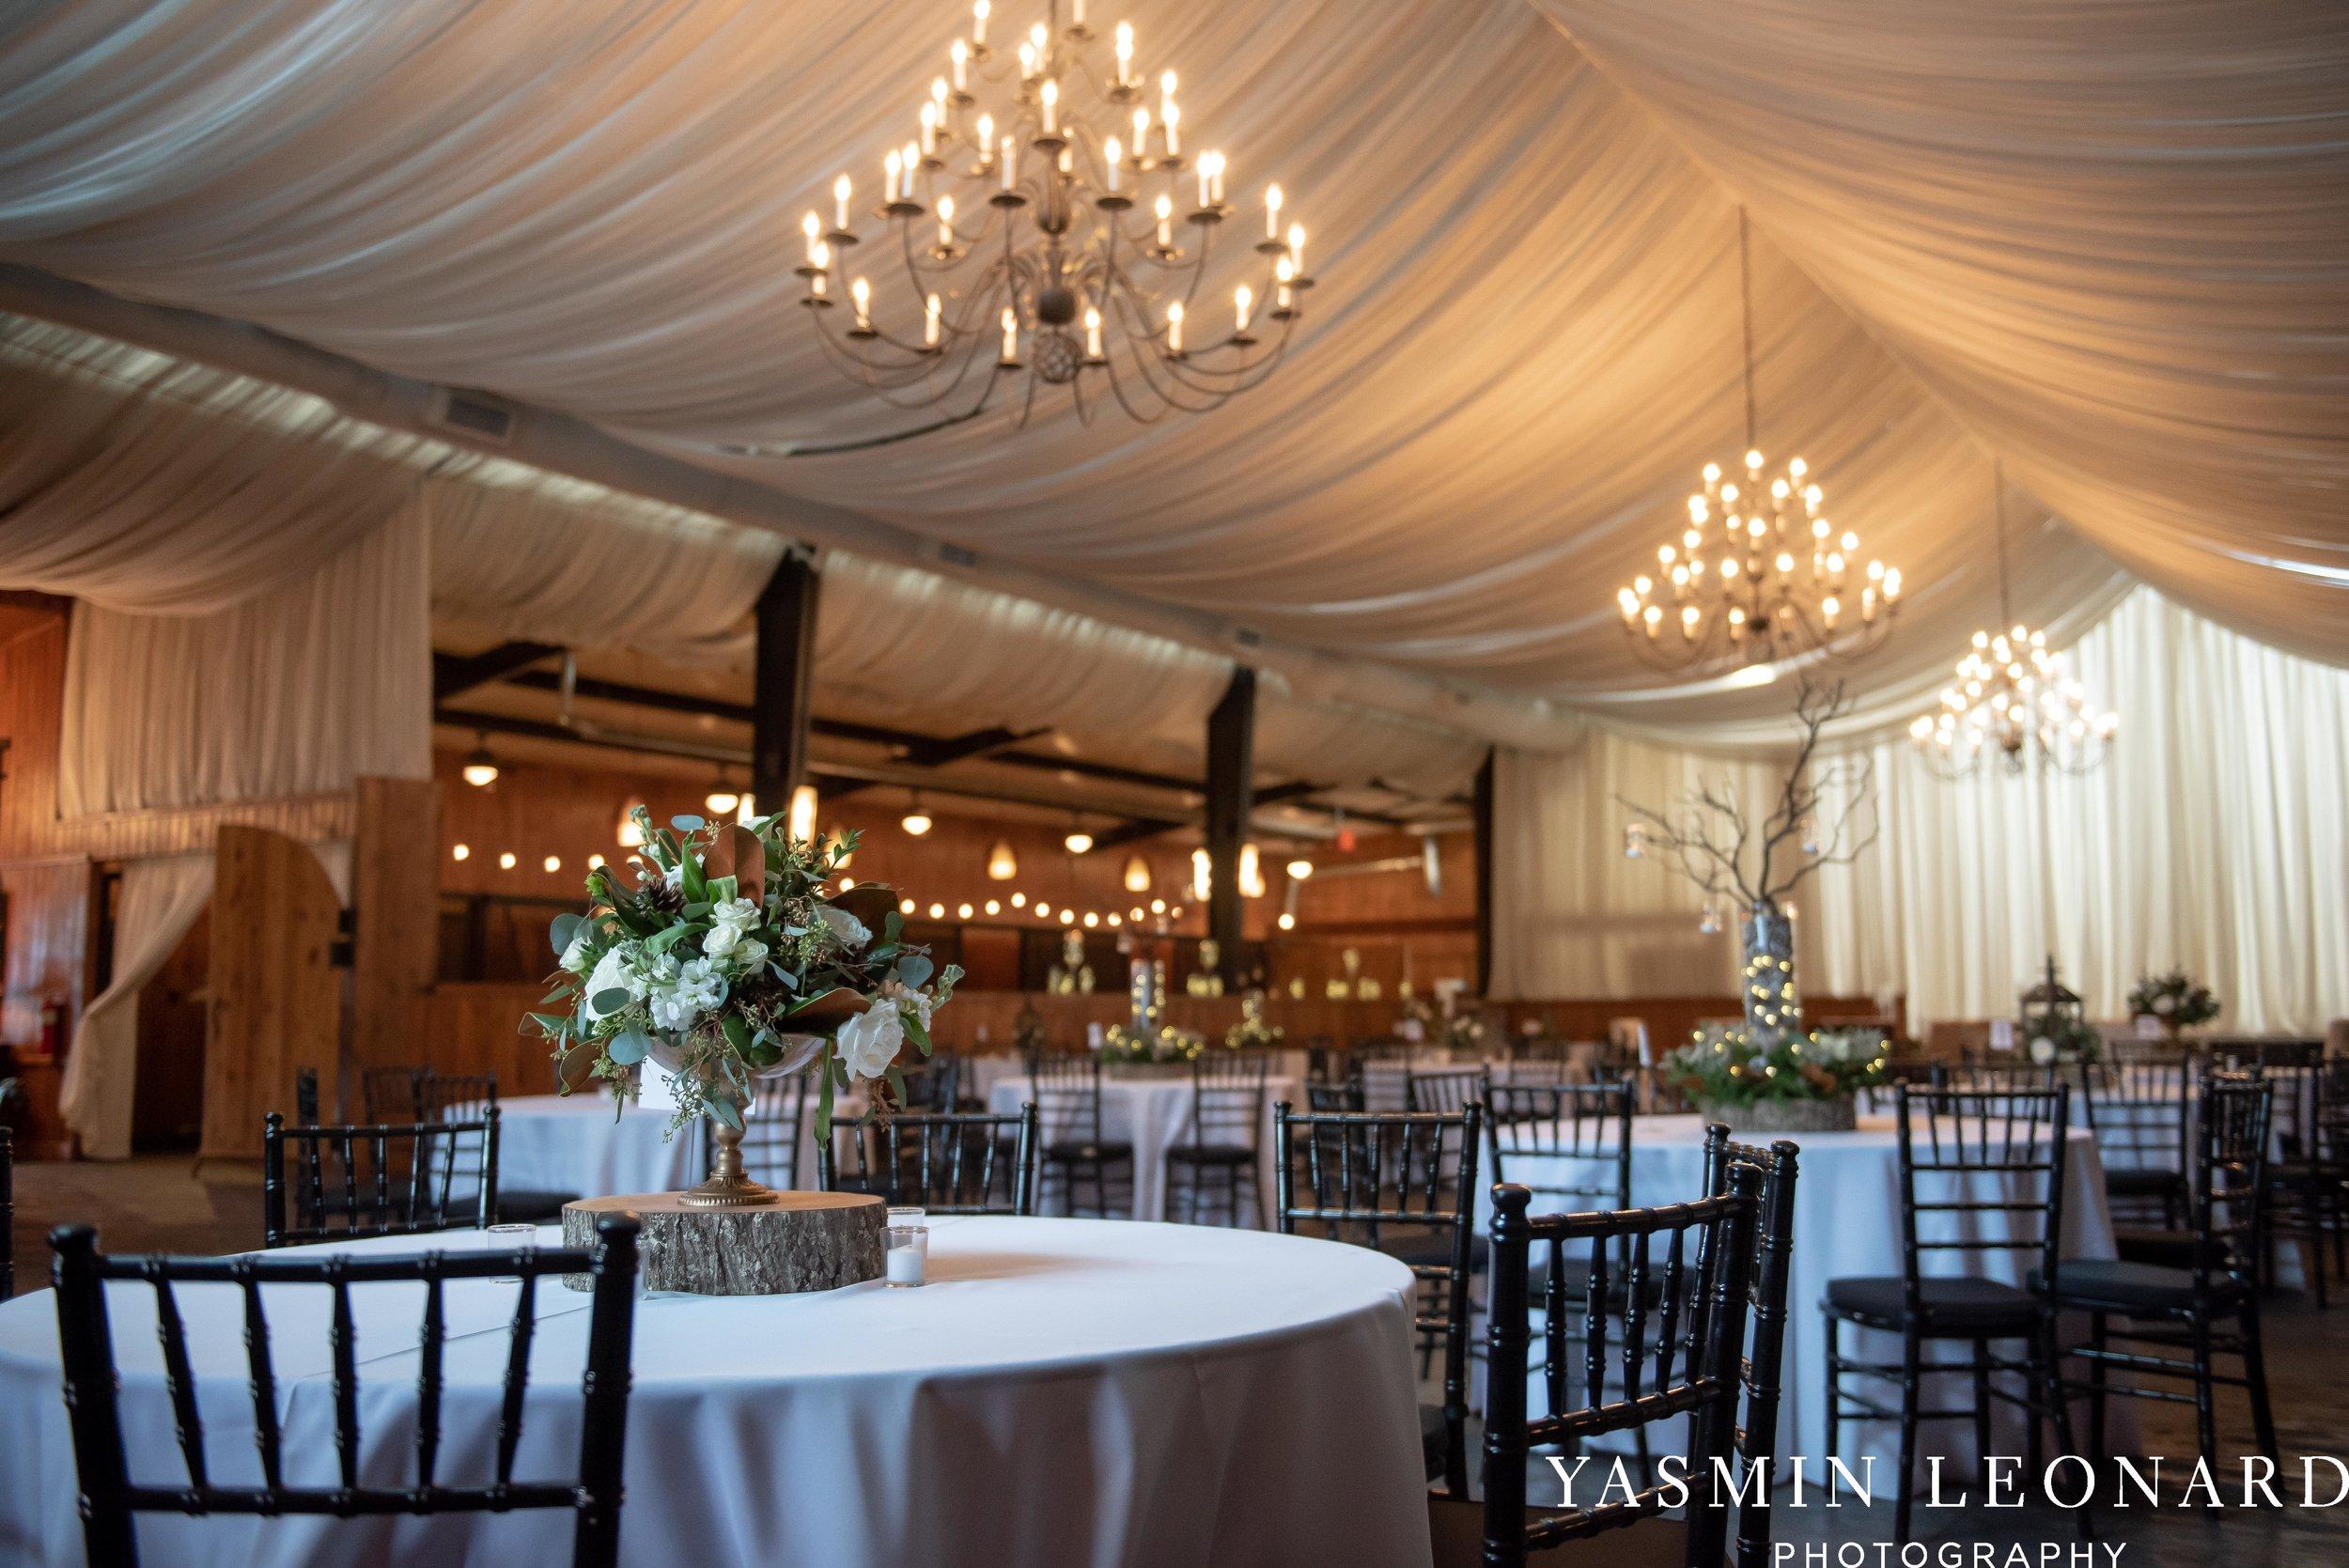 Adaumont Farm - Wesley Memorial Weddings - High Point Weddings - Just Priceless - NC Wedding Photographer - Yasmin Leonard Photography - High Point Wedding Vendors-20.jpg